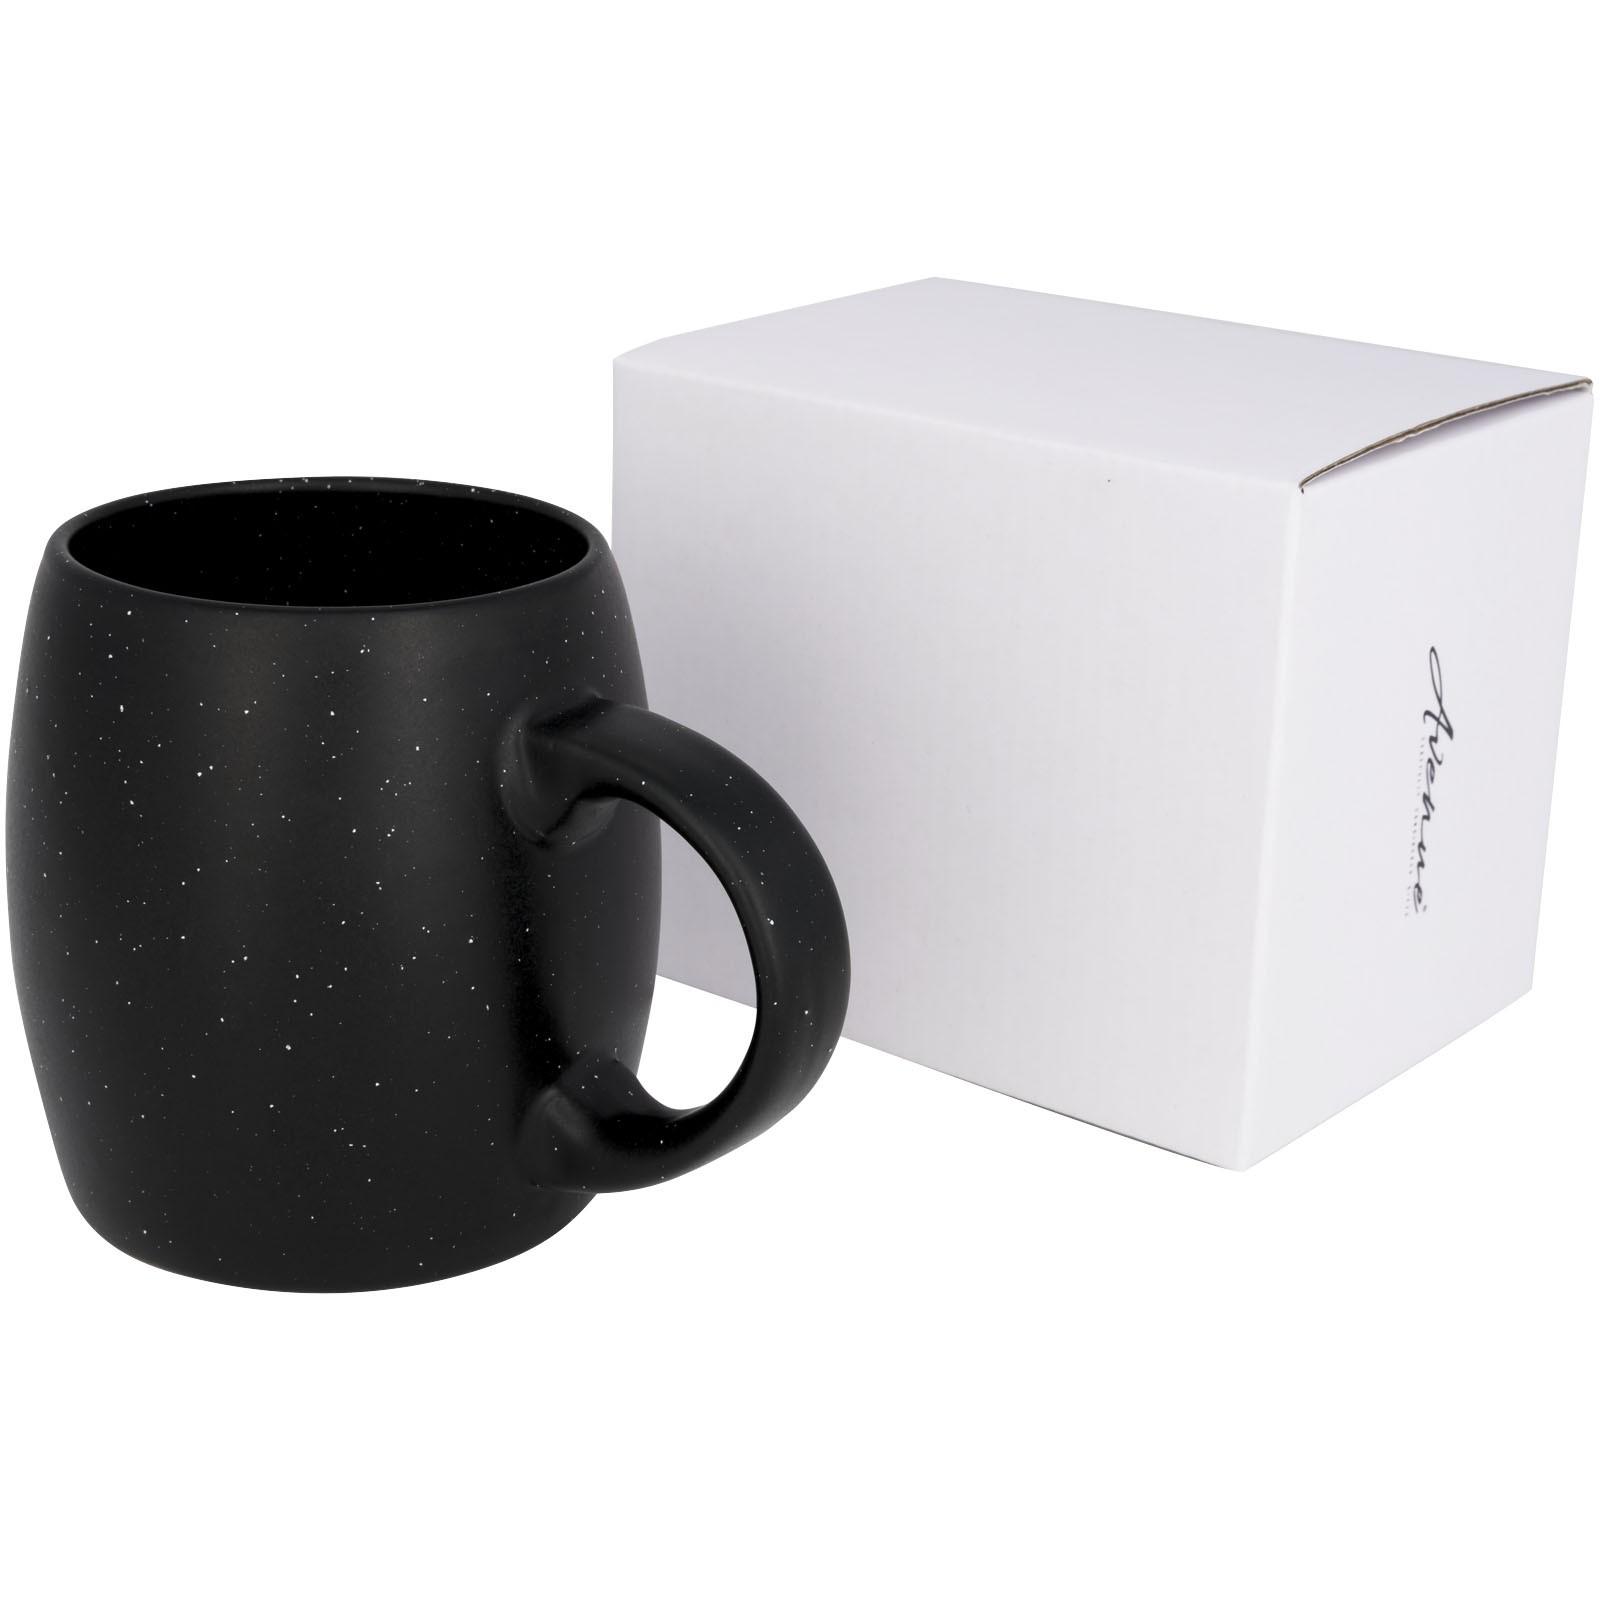 Stein 520 ml Keramiktasse - schwarz